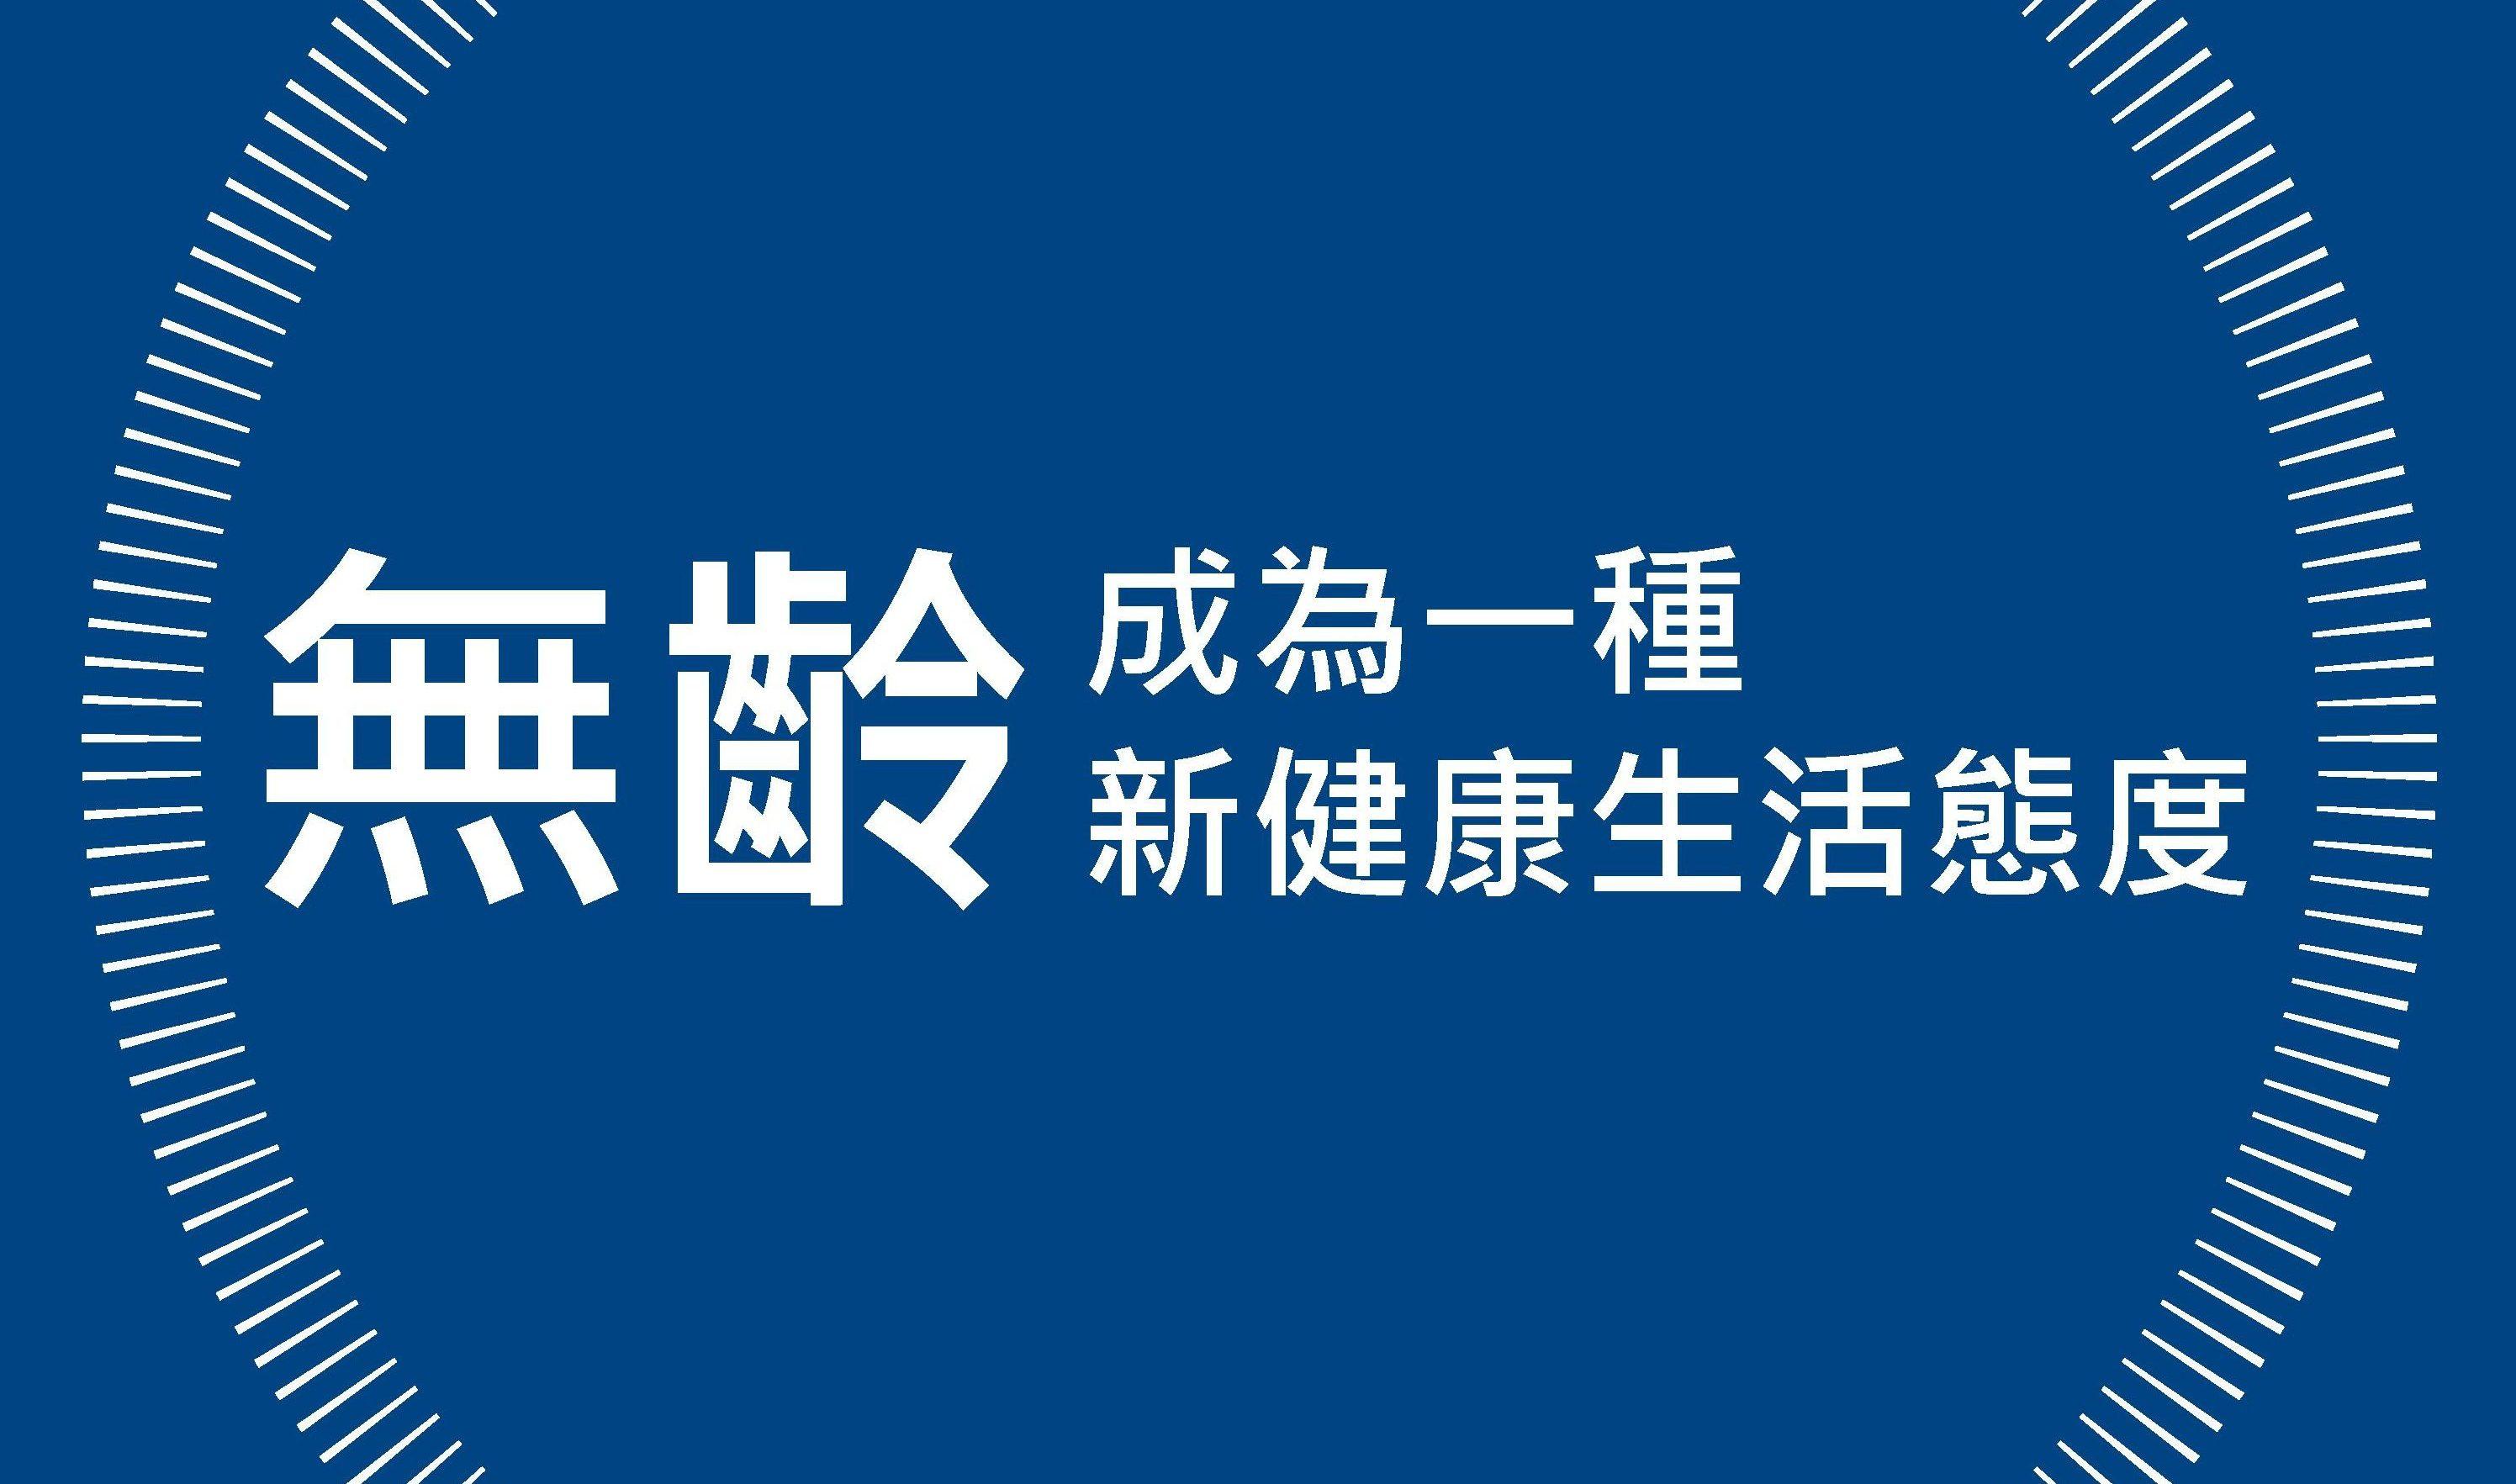 「無齡」新生活模式正重塑華人消費趨勢,深入解析如何領先掌握產業未來商機!